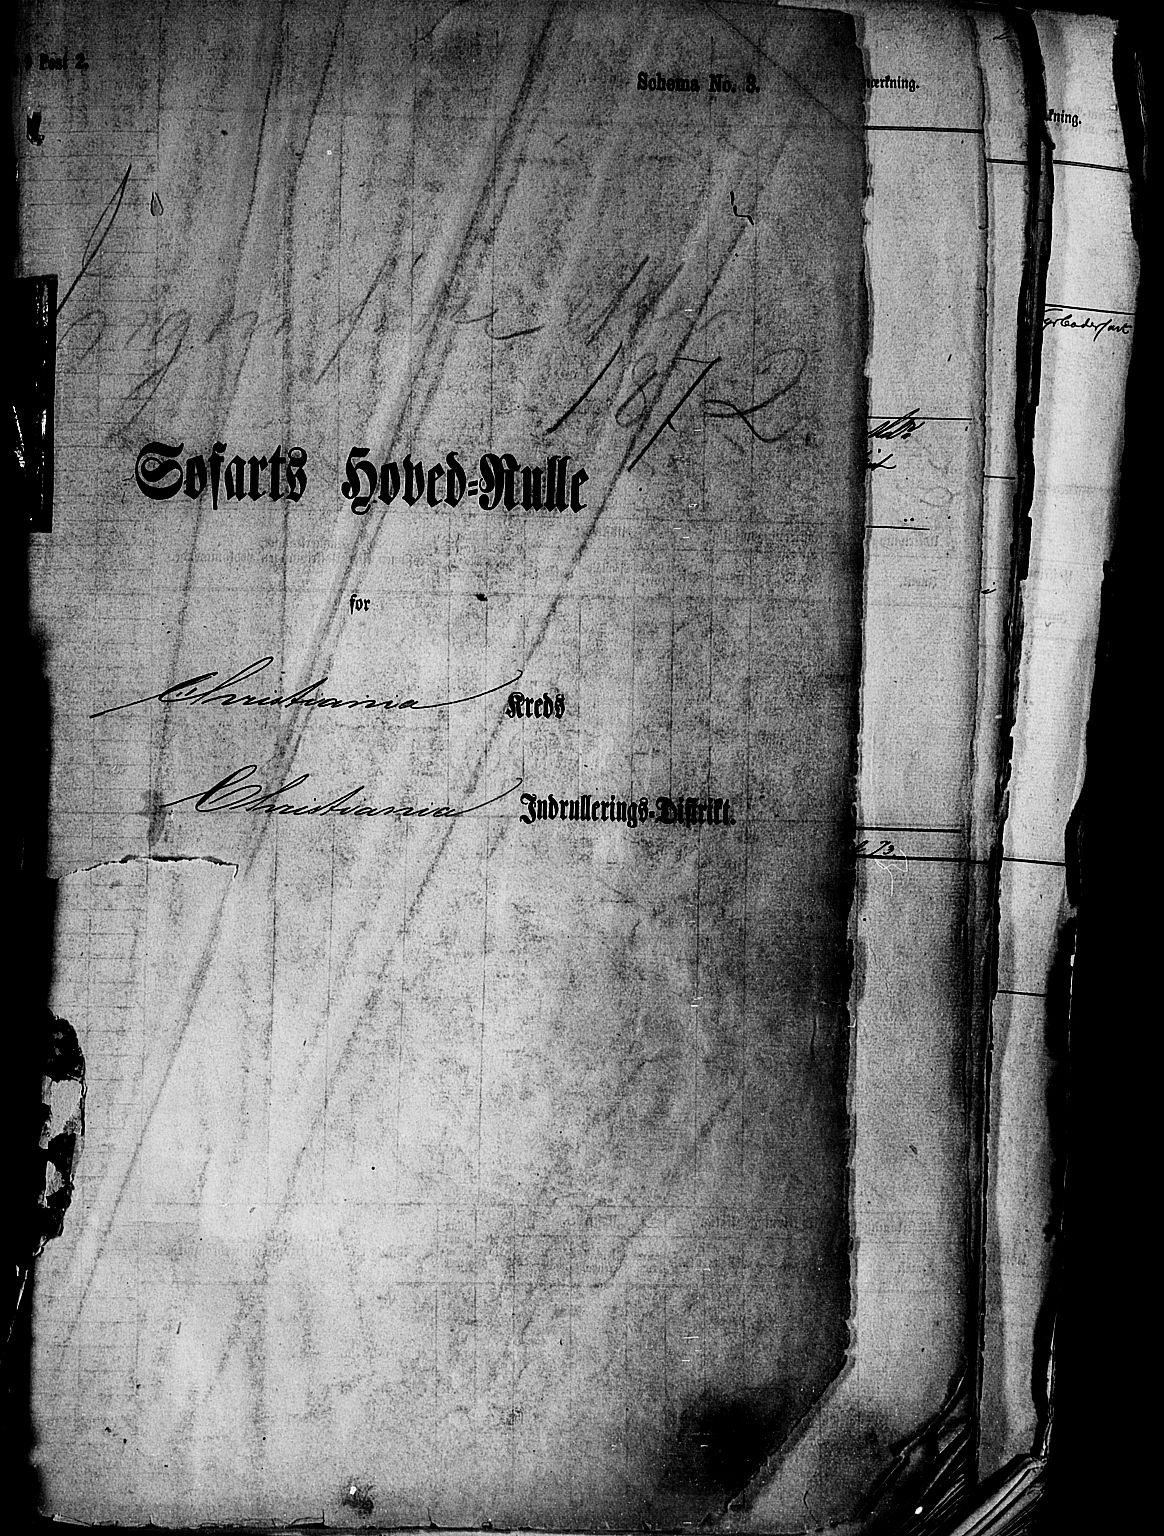 SAO, Oslo mønstringskontor, F/Fc/Fcb/L0003: Hovedrulle, 1868-1885, s. upaginert